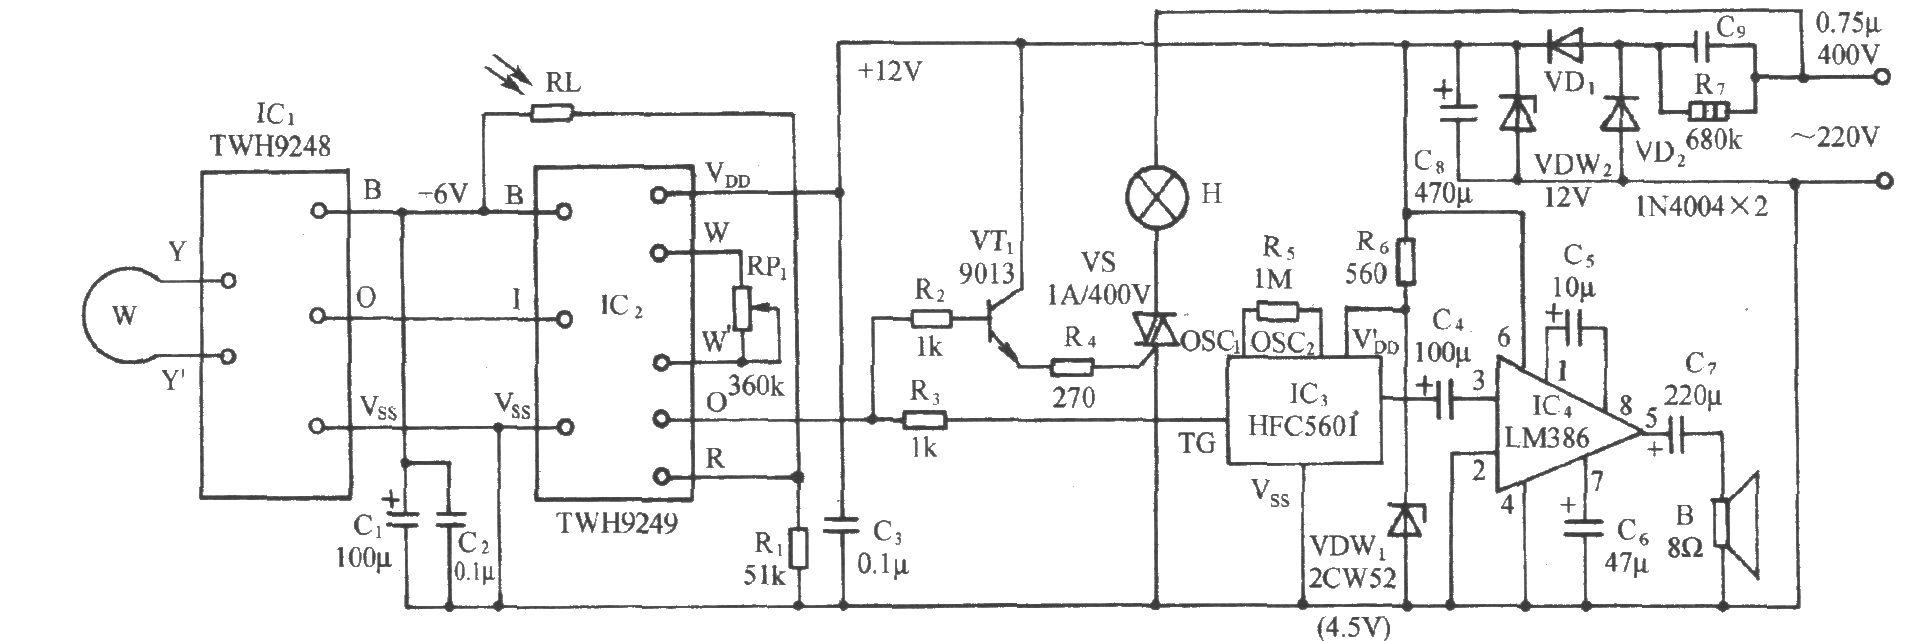 可控硅控制电灯照明电路,咒语发声和音频功放电路及交流降压整流电路